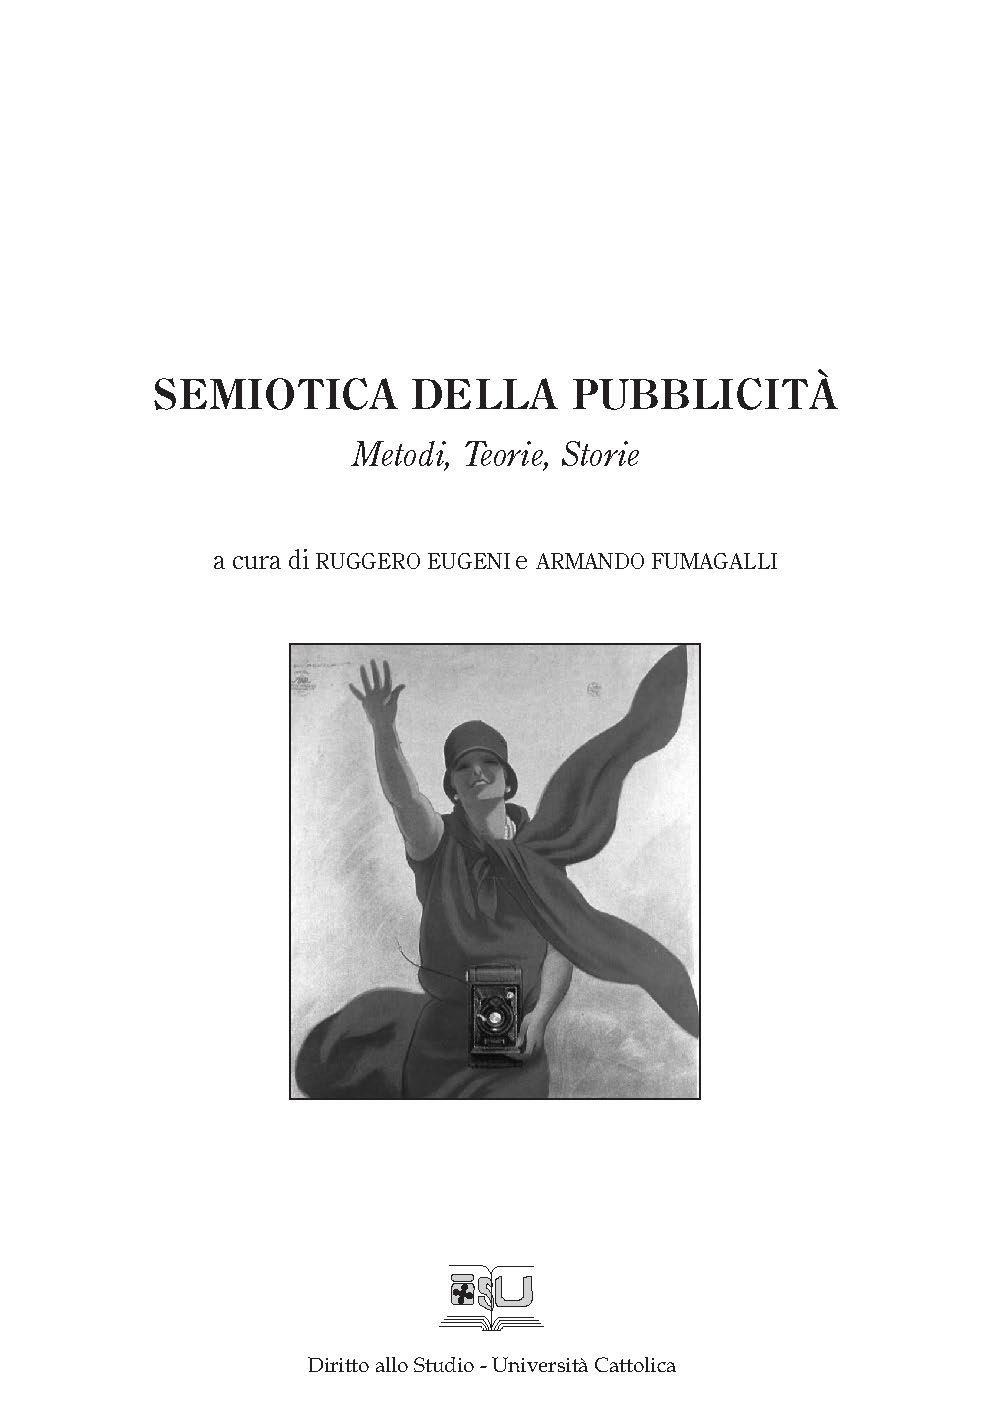 SEMIOTICA DELLA PUBBLICITA'. METODI, TEORIE, STORIE